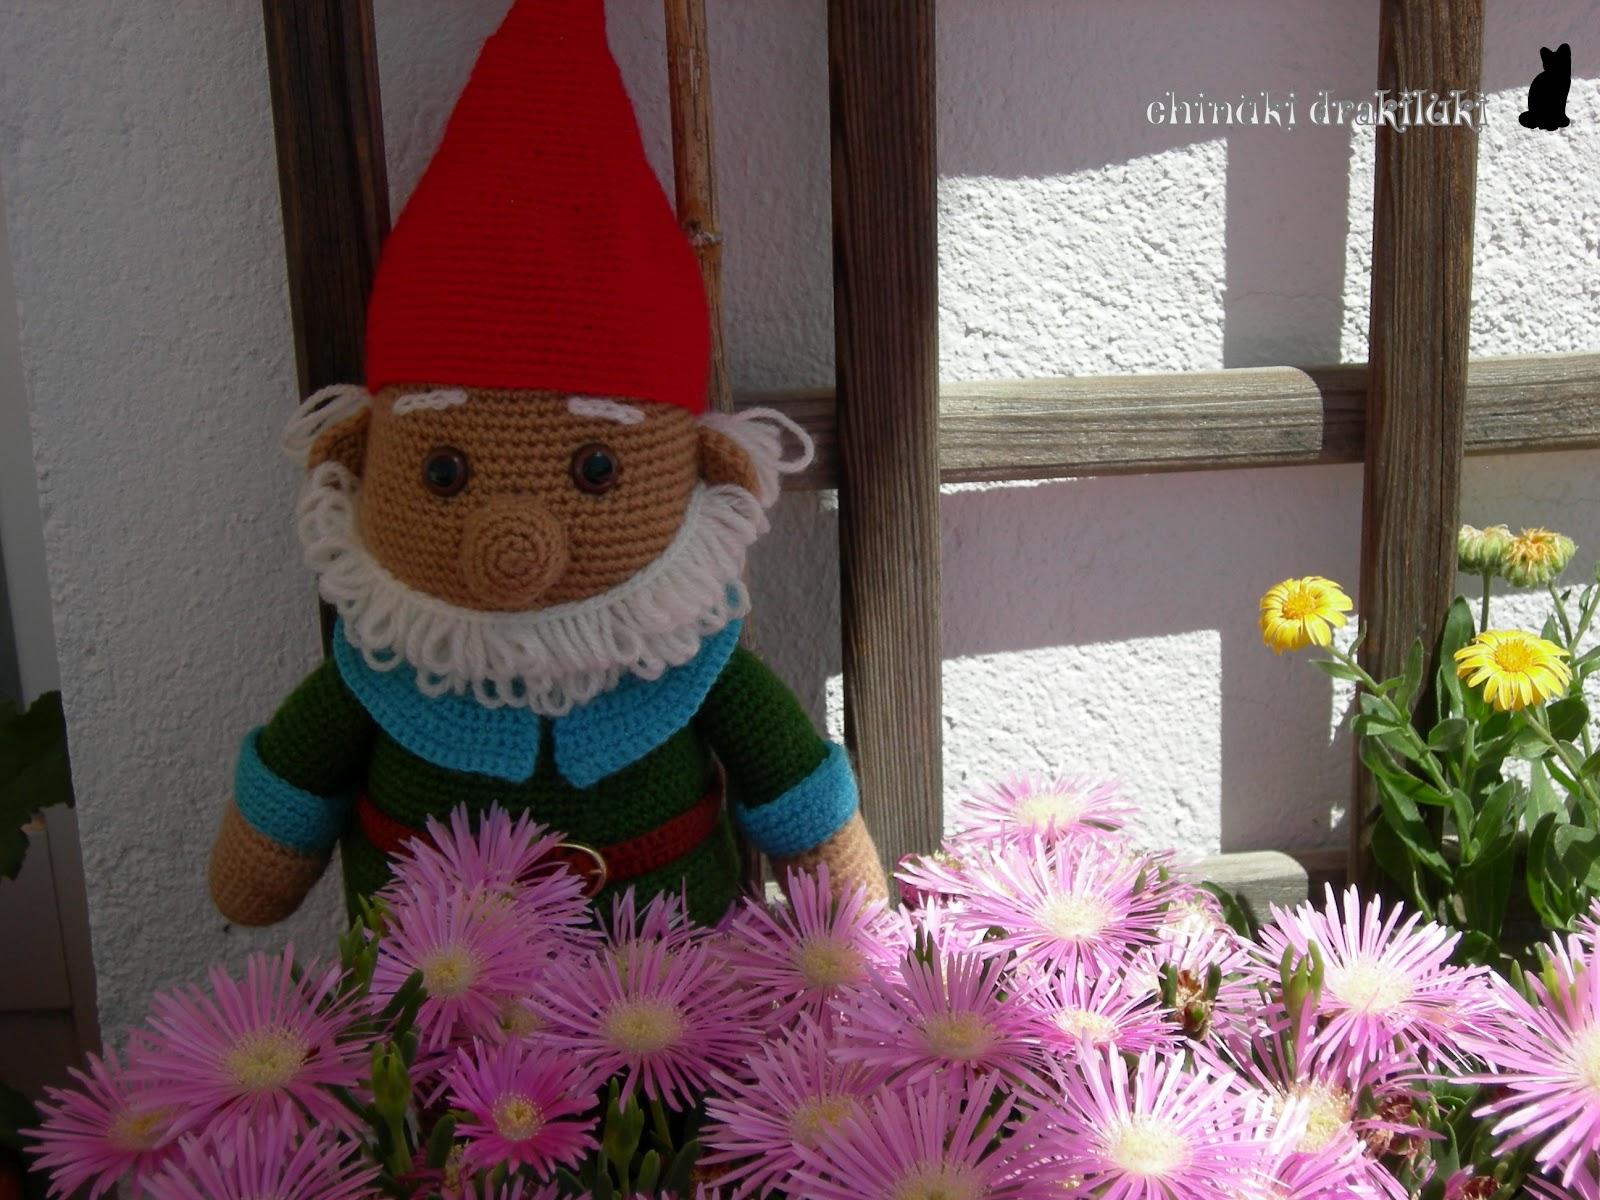 El diario del chinuki drakiluki enano de patio for Enanos jardin